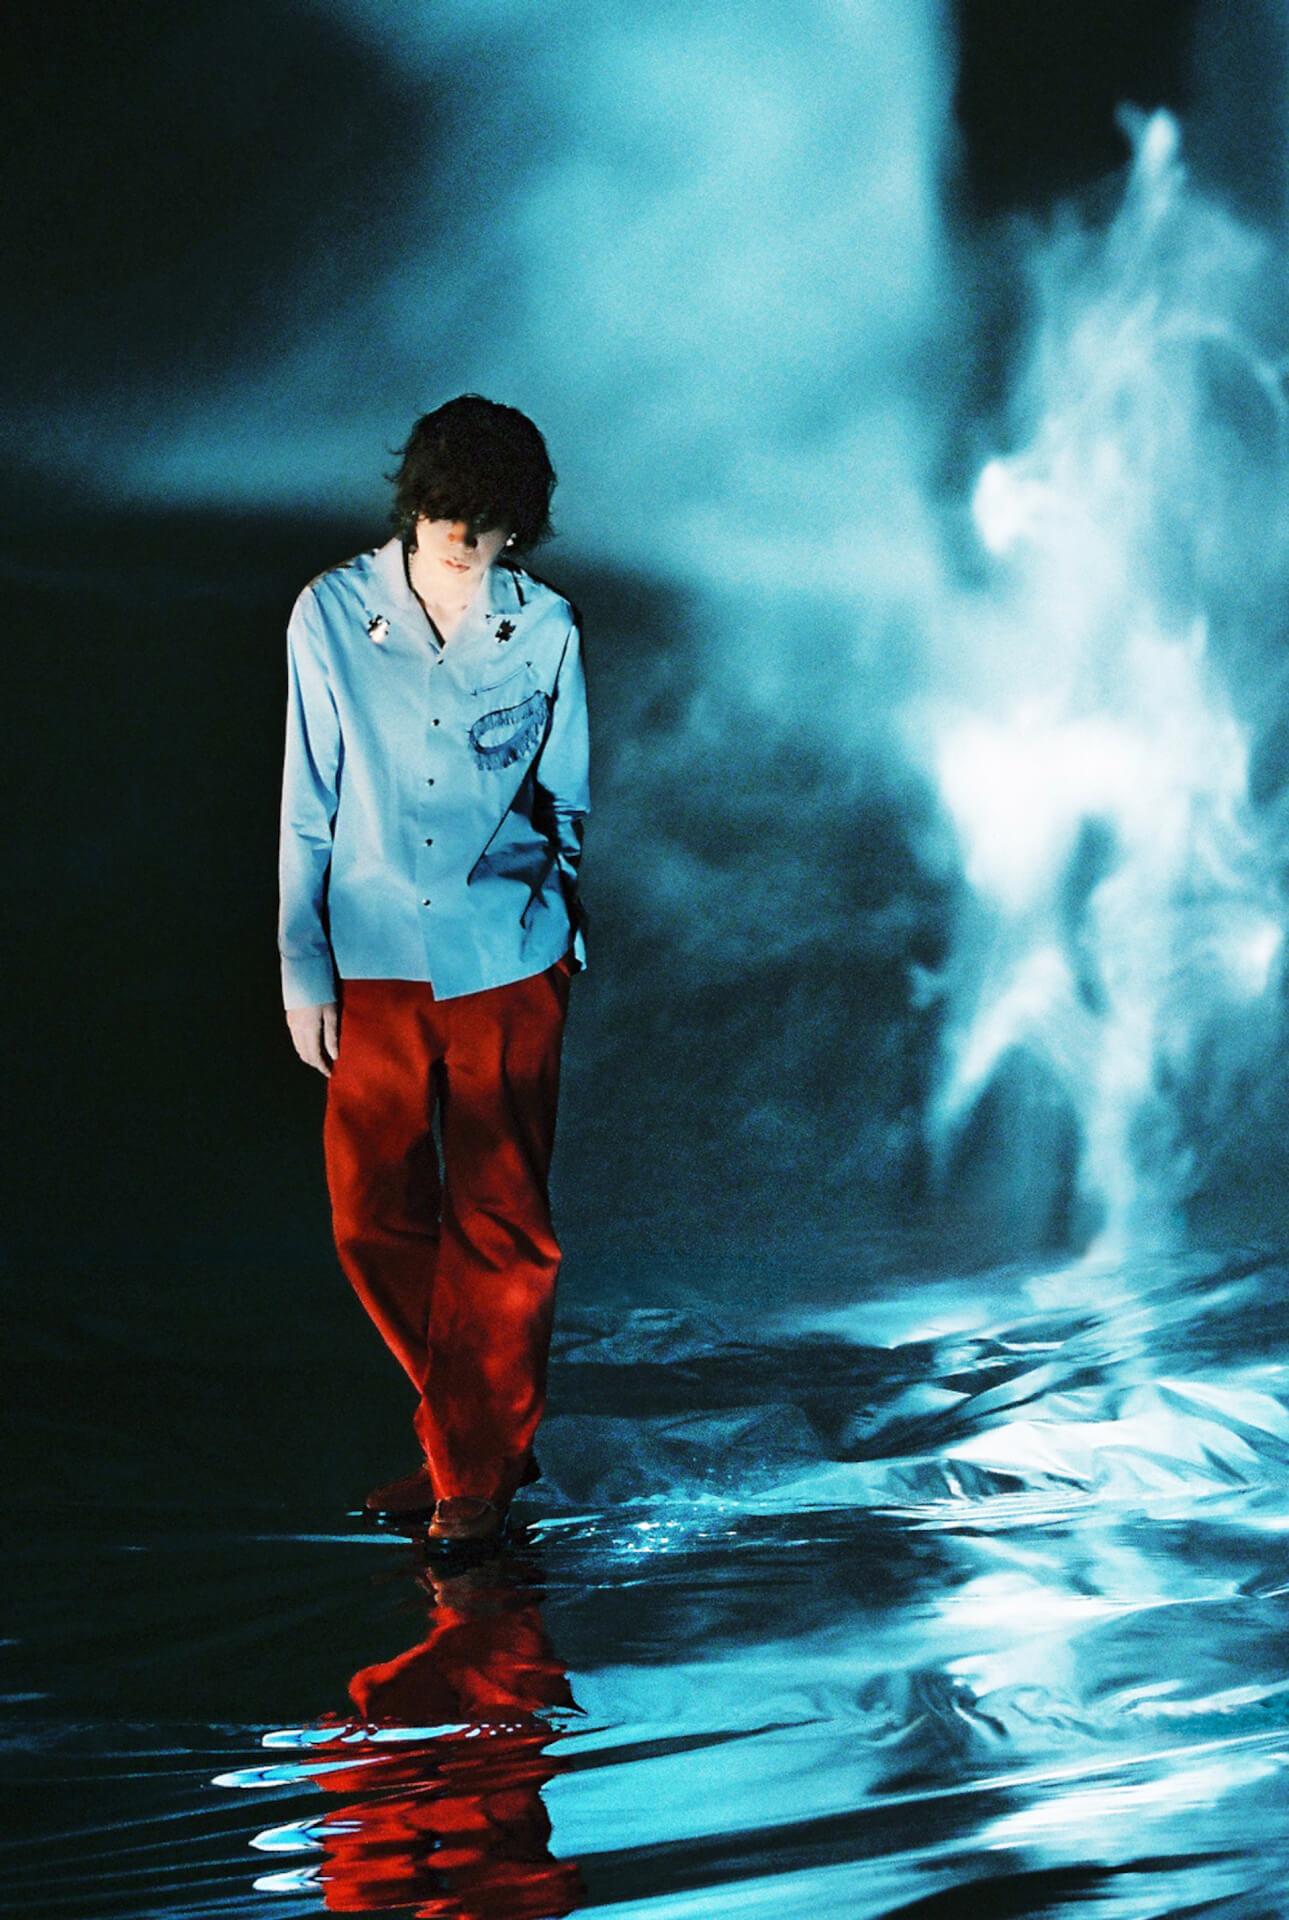 米津玄師ニューシングル『Pale Blue』のオリジナルフォトモーションがTikTokでローンチ! music-210624_yonezukenshi_tiktok_3